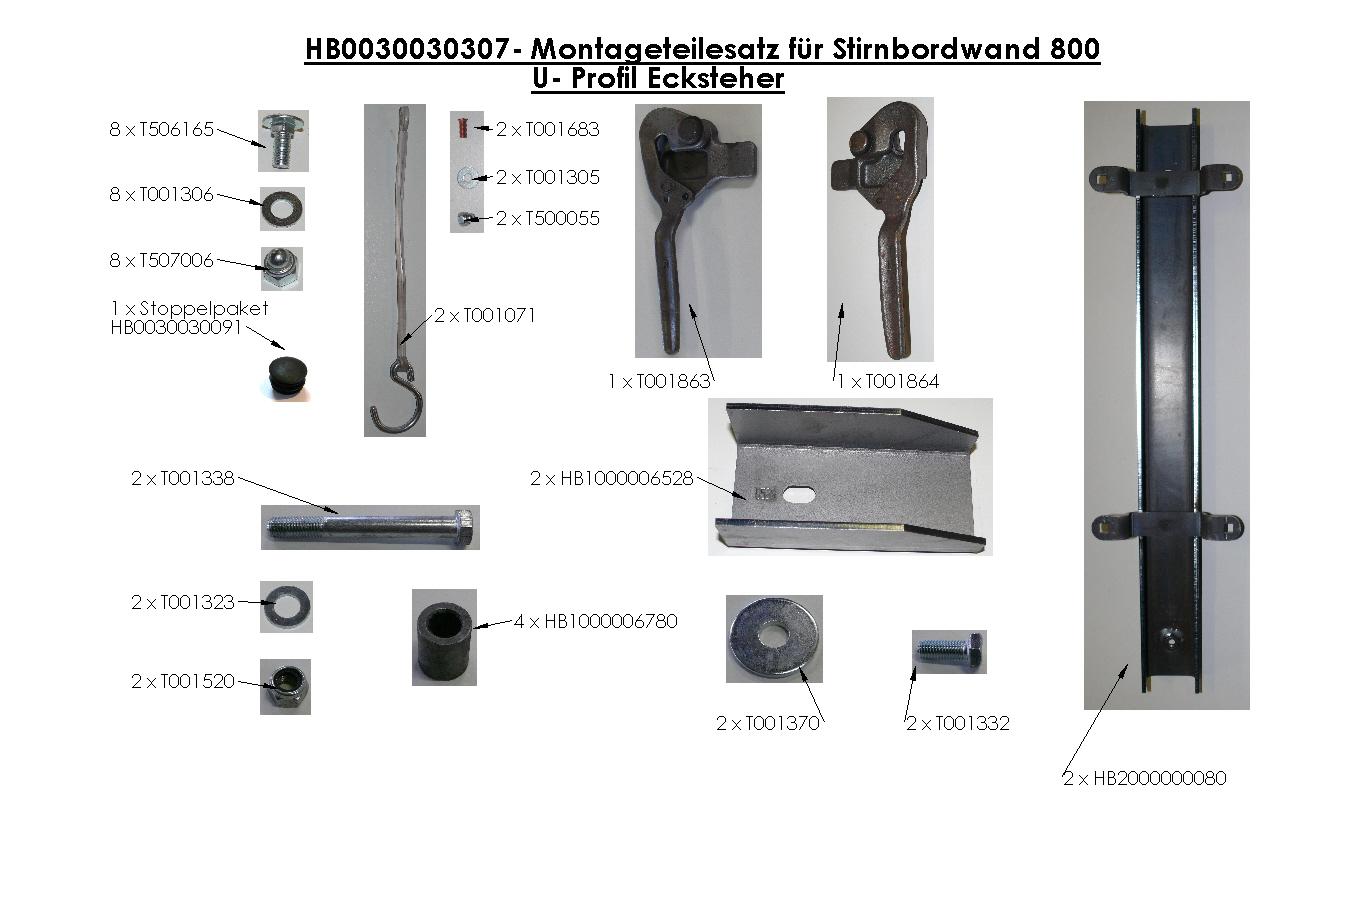 Brantner Kipper und Anhänger - Montageteilesatz für Stirnbordwand 800